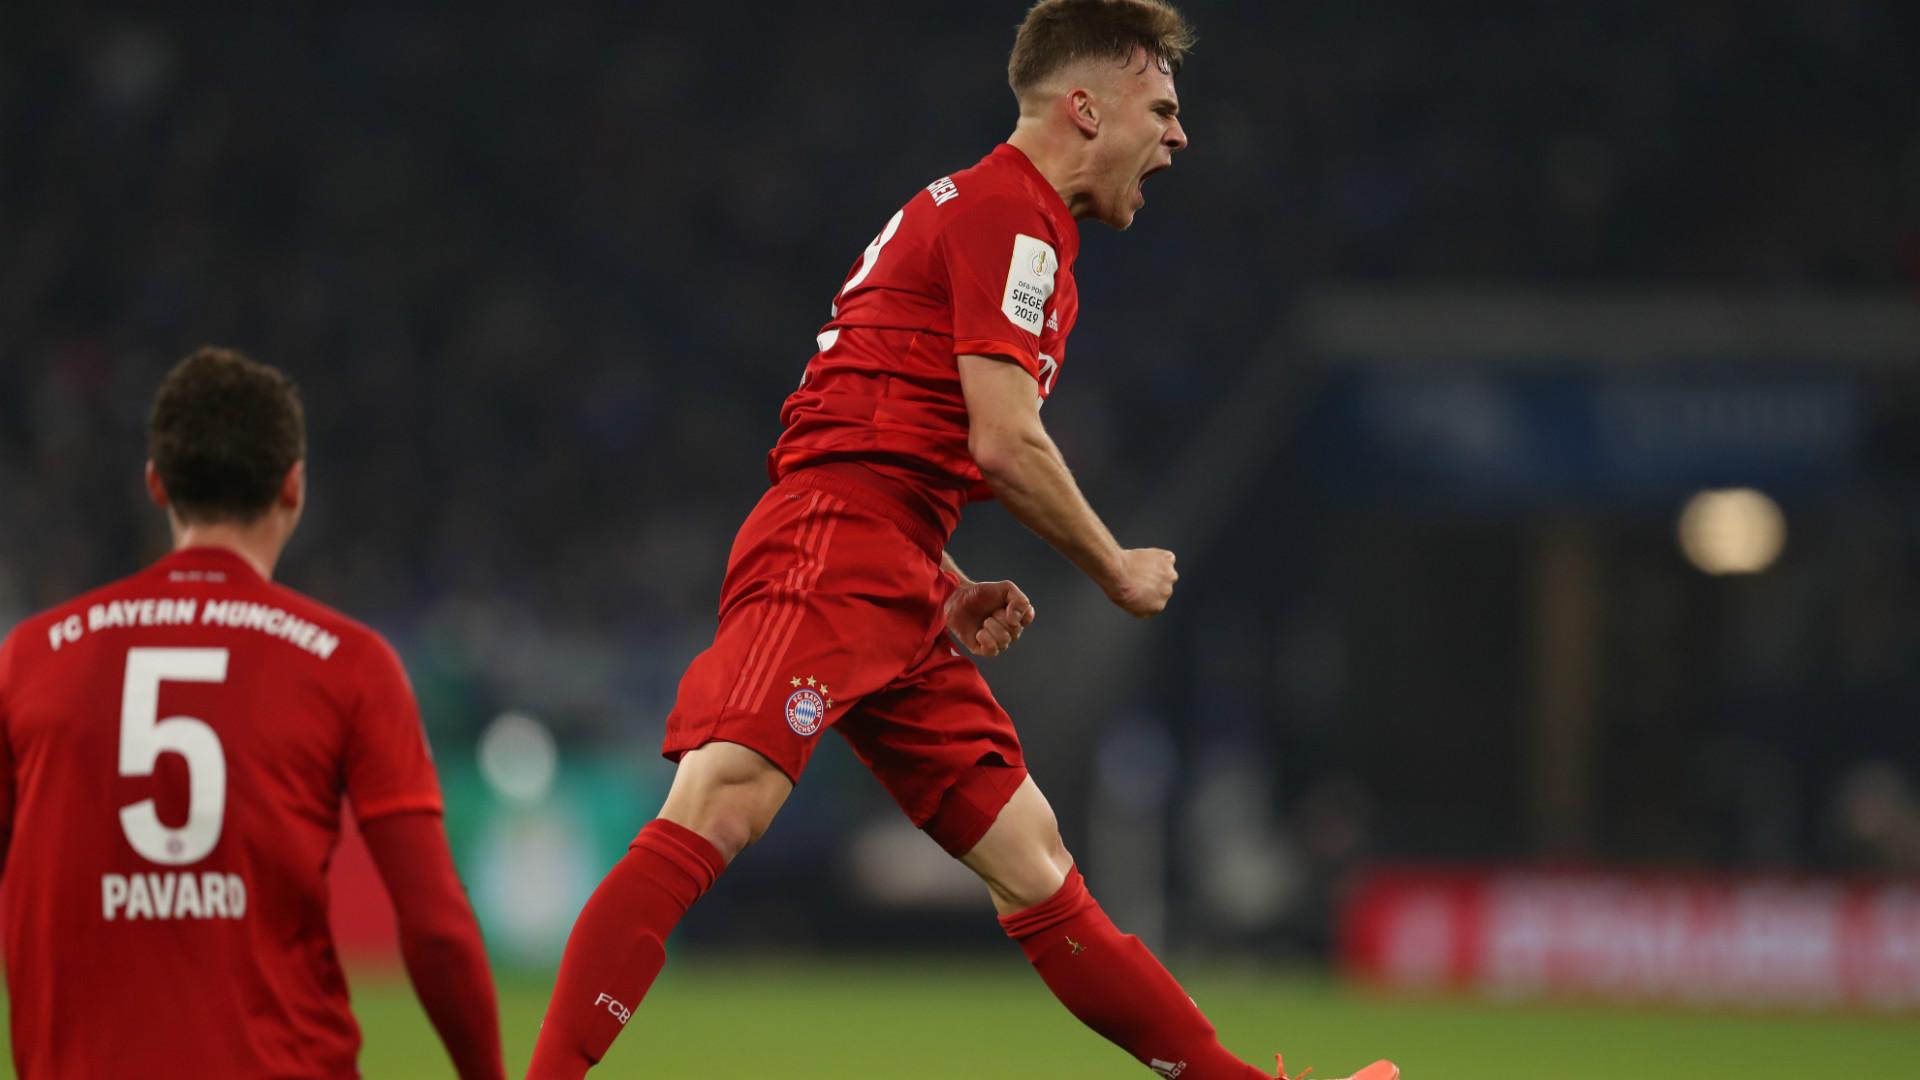 DFB-Pokal: 1. FC Saarbrücken steht als erster Viertligist überhaupt im Halbfinale